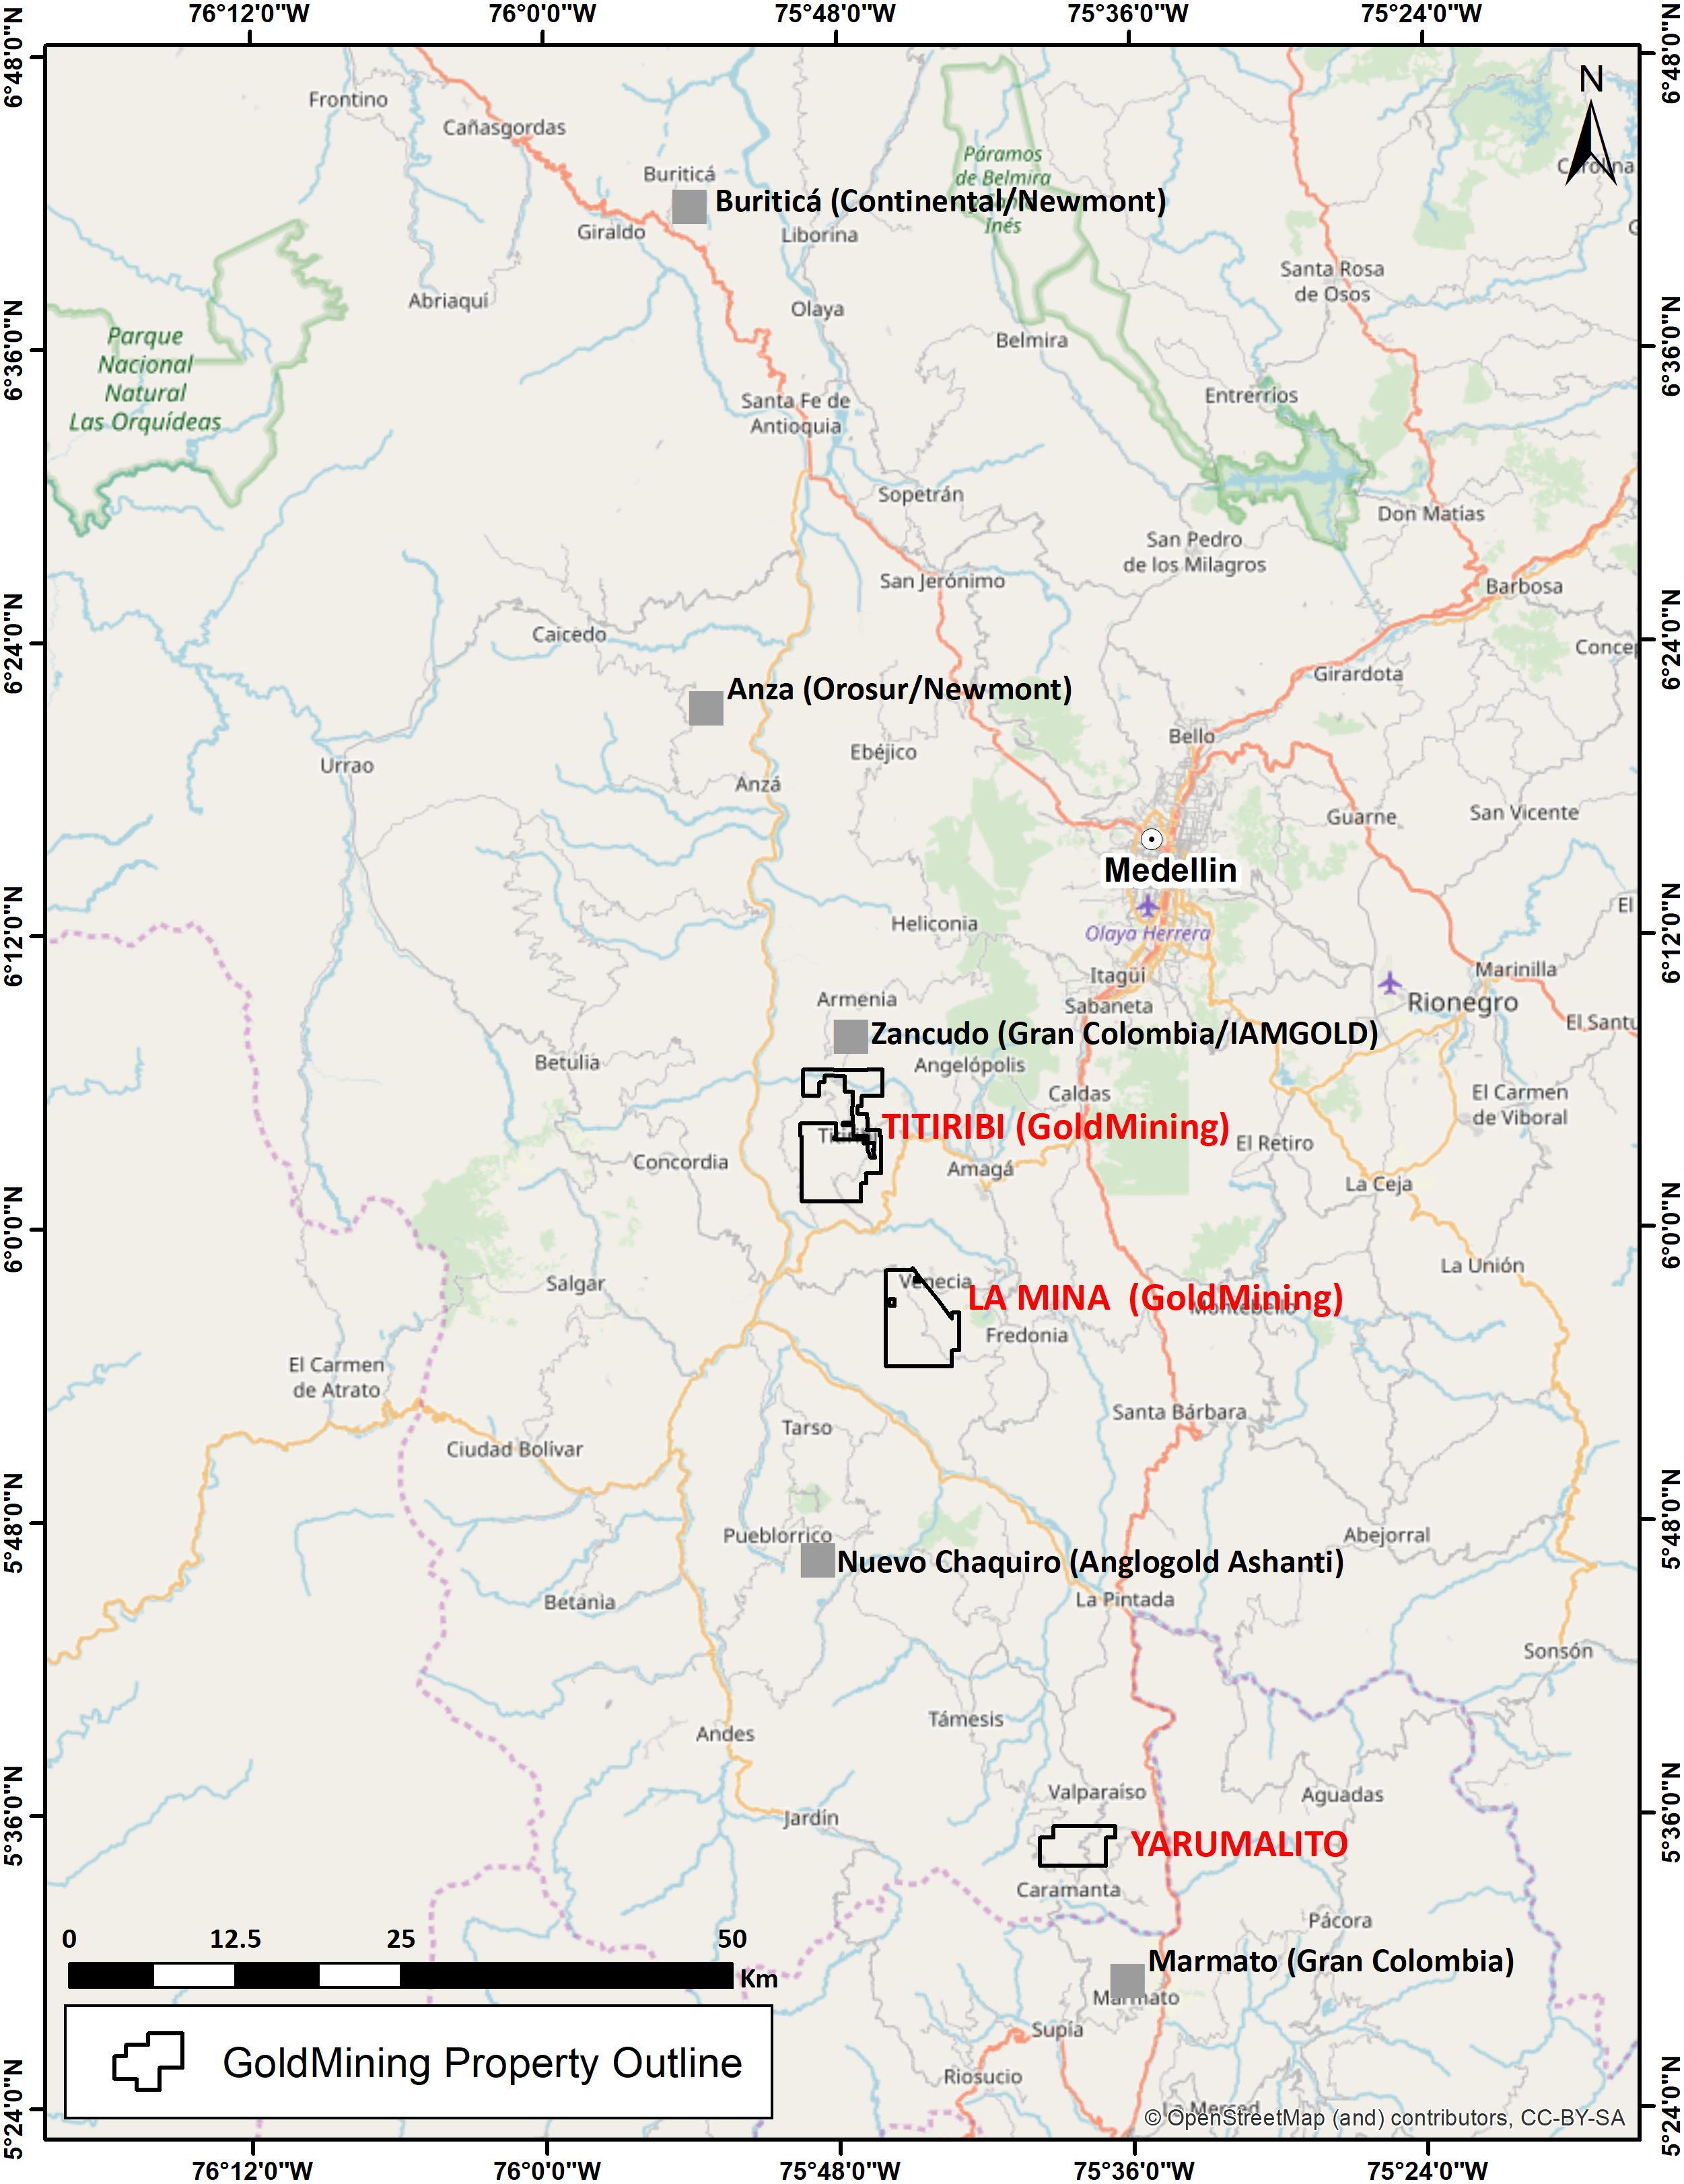 Figura 1: Ubicación del Proyecto Yarumalito y otros proyectos activos de exploración y minas en el cinturón medio del Cauca del centro de Colombia.